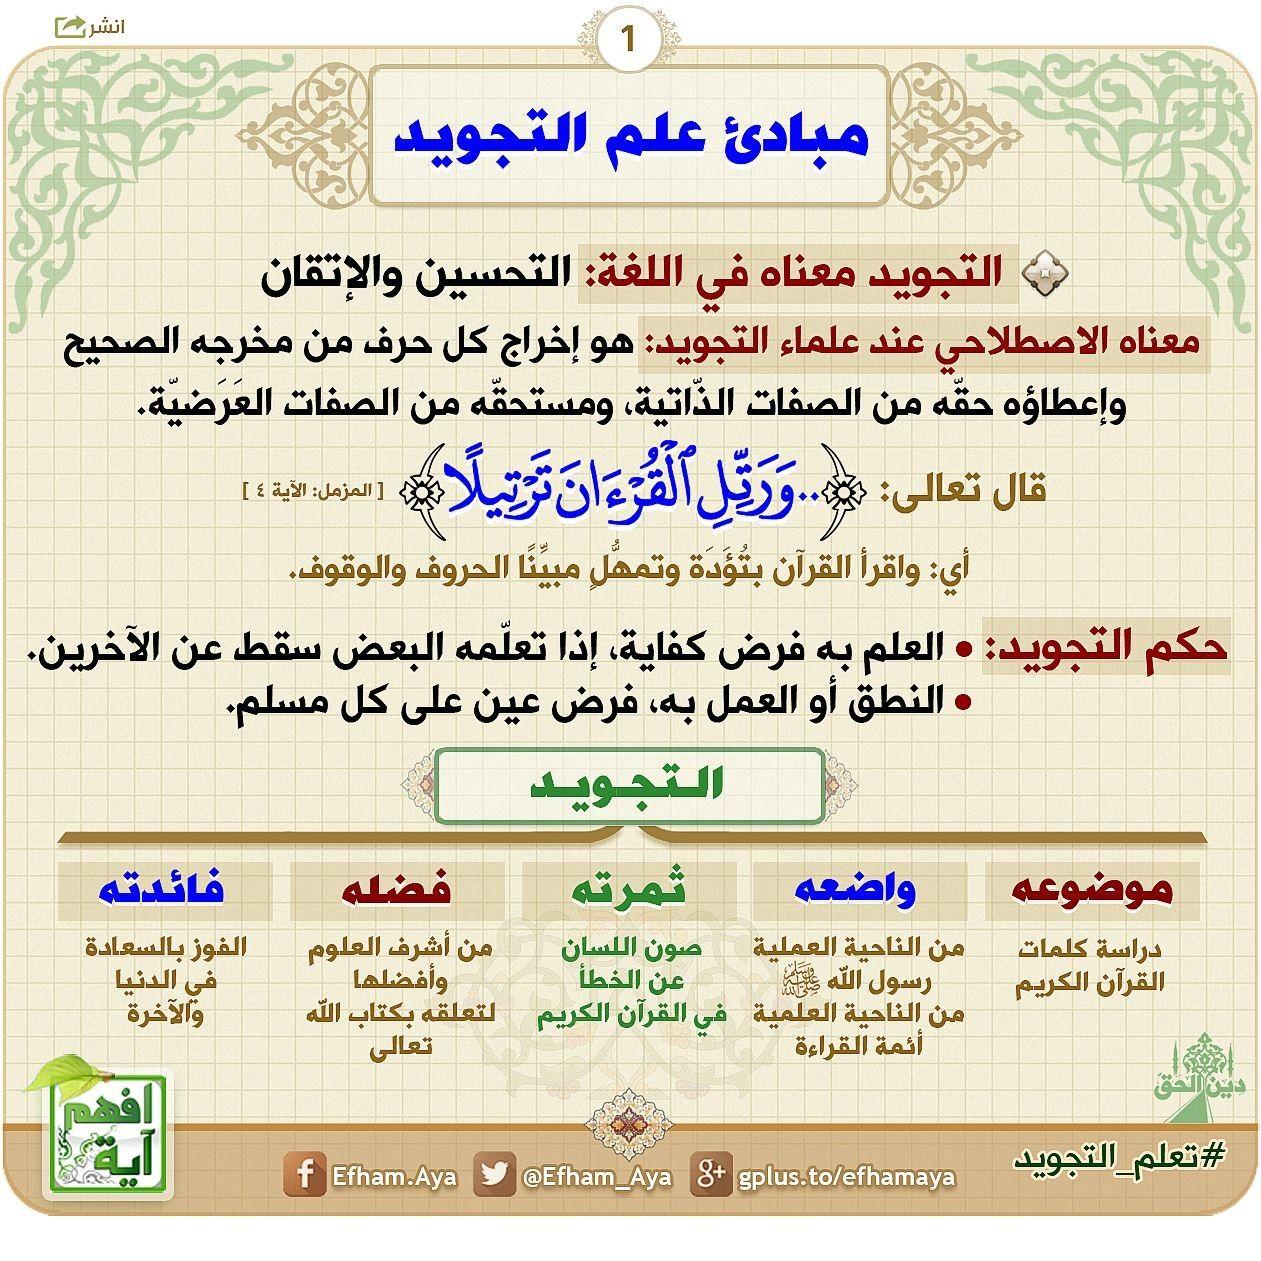 Pin By Alaa On أفهم آية Islam Facts Quran Tafseer Tajweed Quran